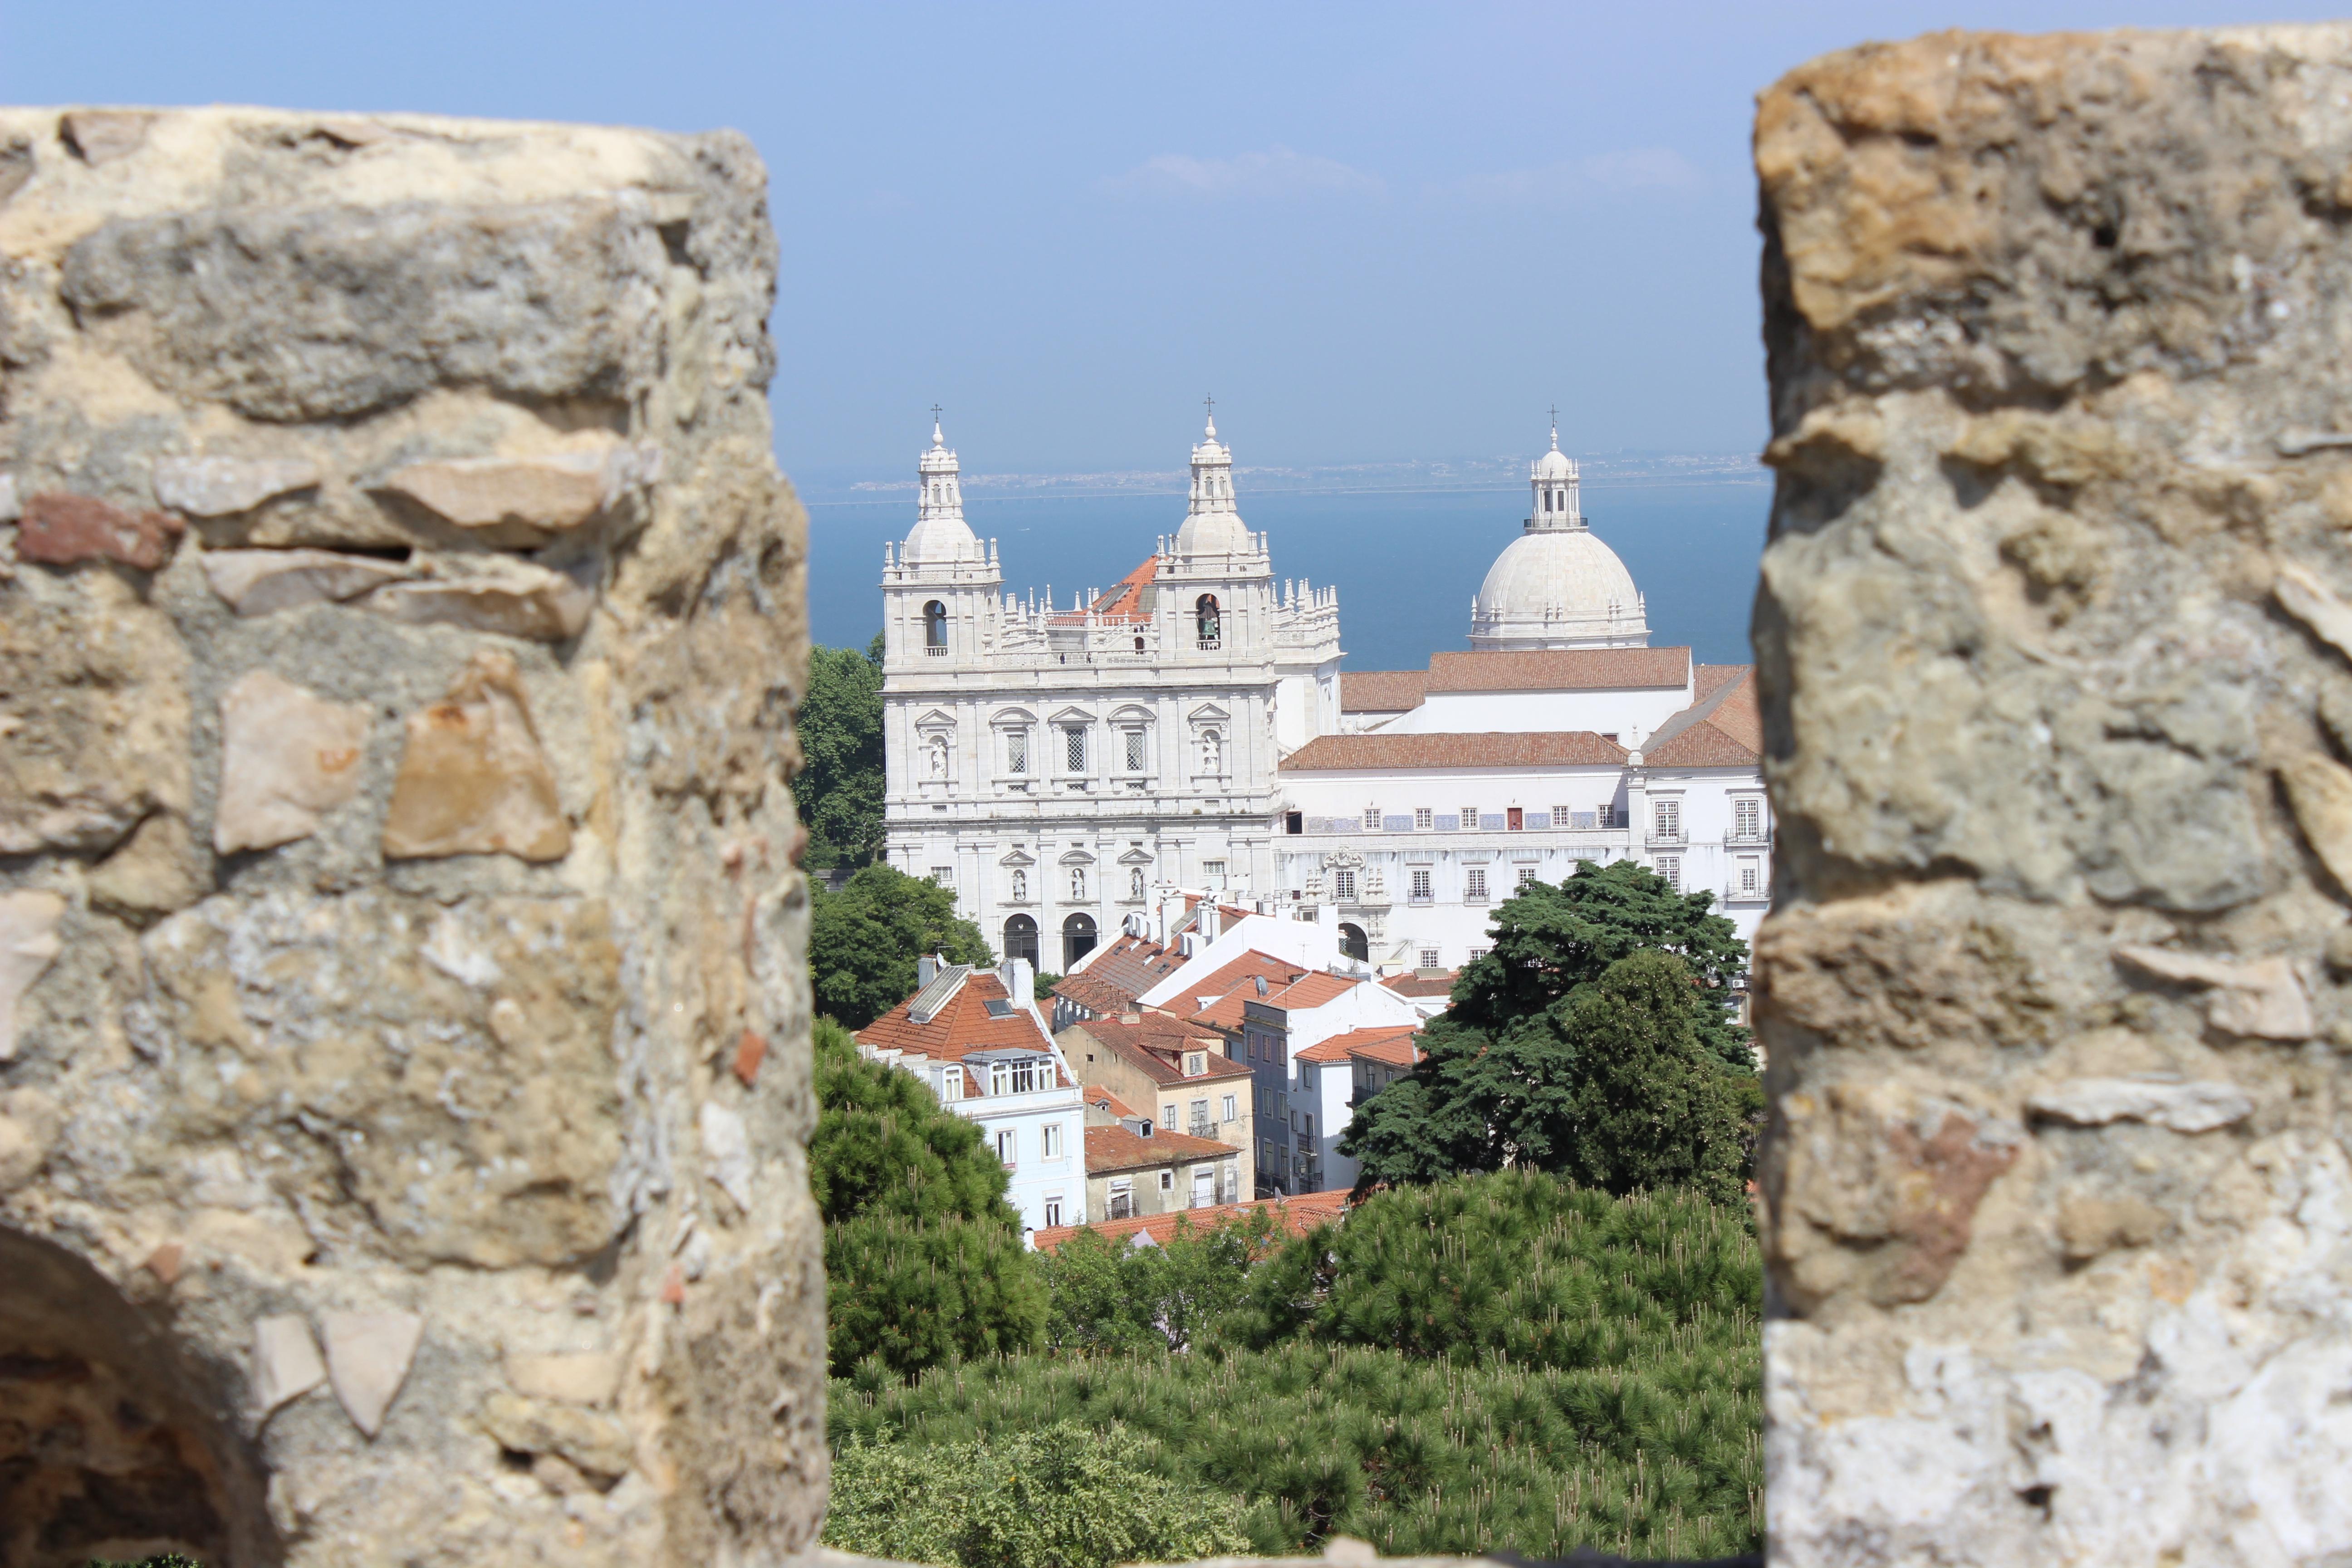 Lisbonne #2 : Place du commerce, bacalhau et château !